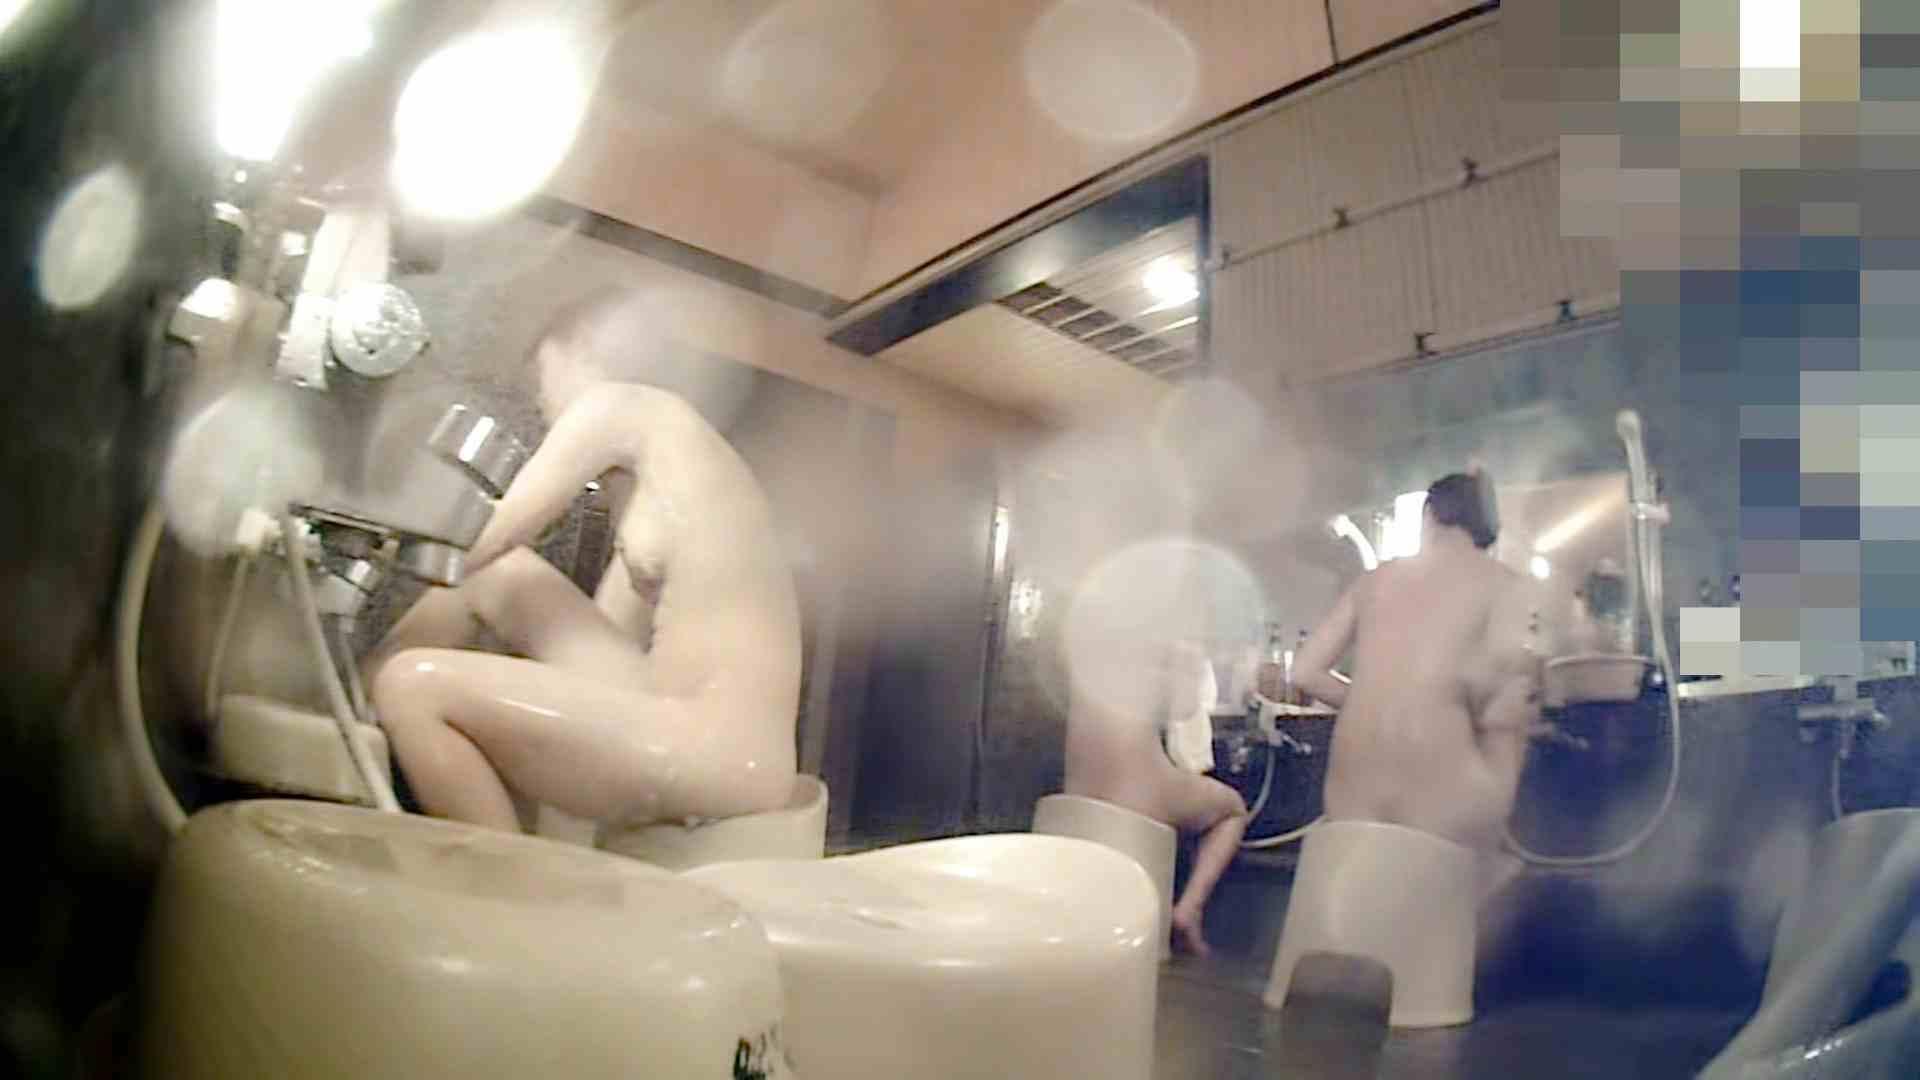 [画質UP]TG.32 【一等兵】個人的には奥のアラ30が好み 女風呂 | エロくん潜入  55連発 28